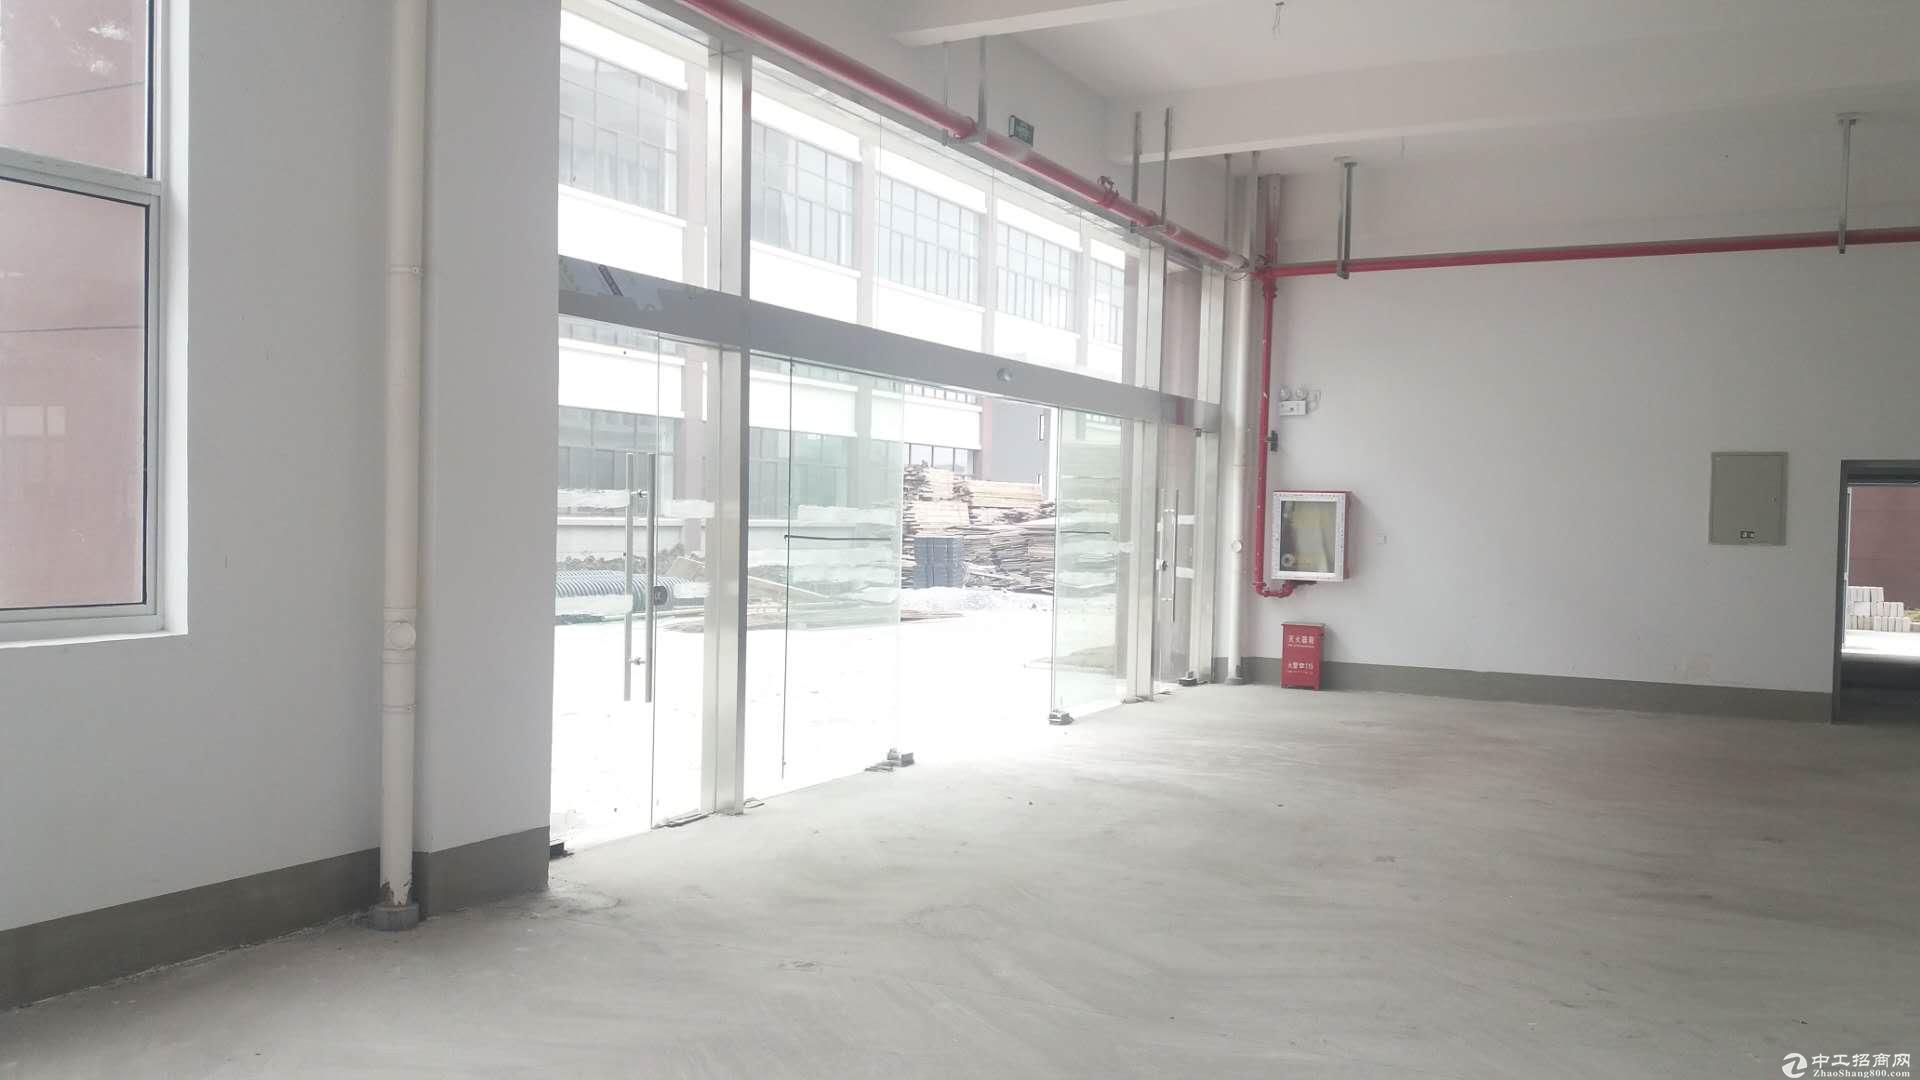 木渎胥口1300平全新厂房租售,大产权可分割